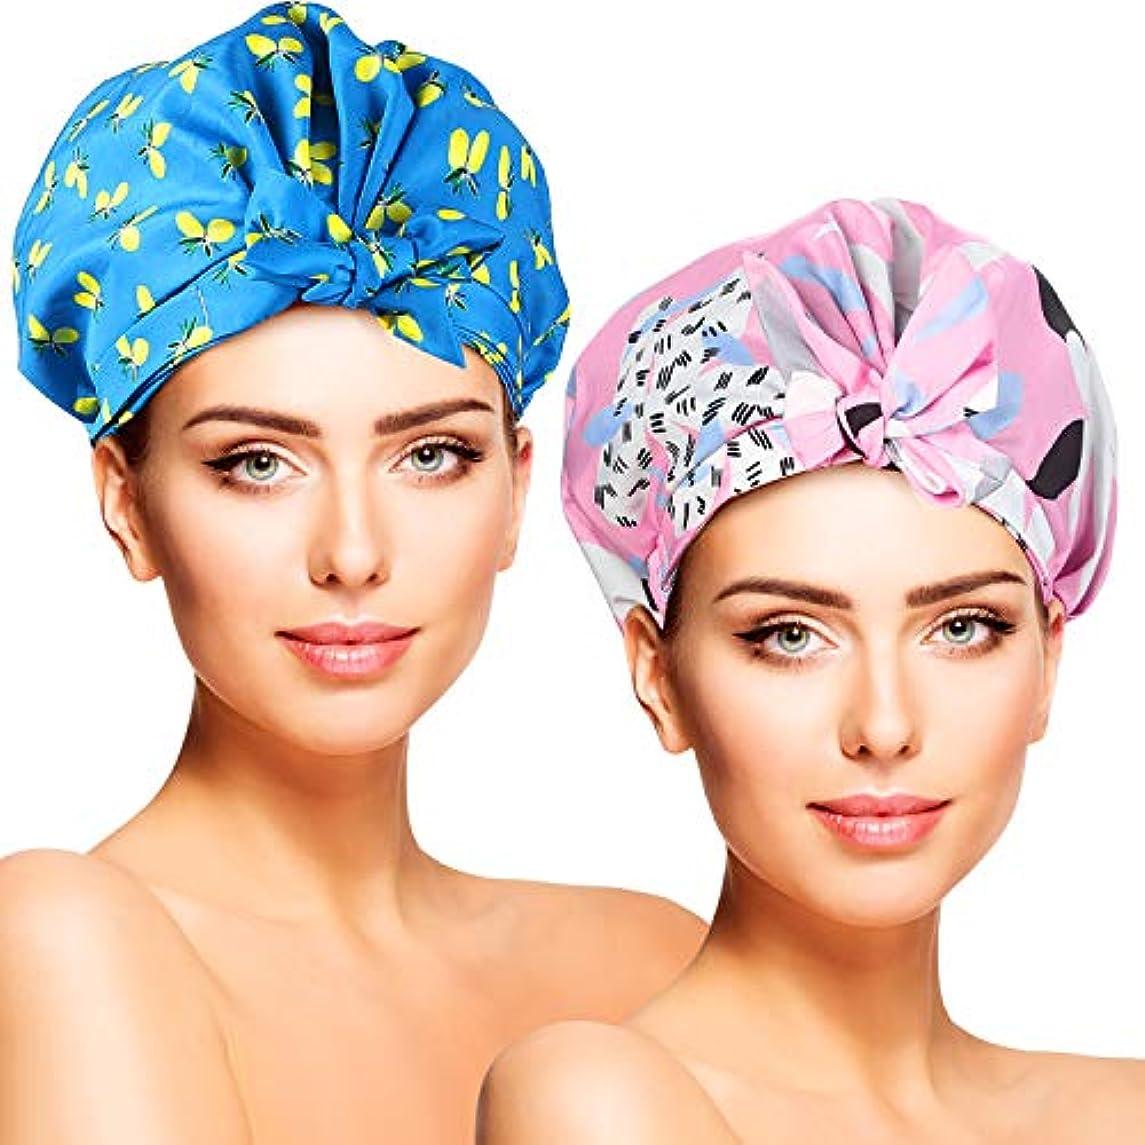 栄養トランクライブラリショッピングセンターYISUN シャワーキャップ 2枚セット 二重層防水 耐久性 抗菌性 お風呂 シャワー SPA 調理 洗顔用 多機能 実用性 男女兼用